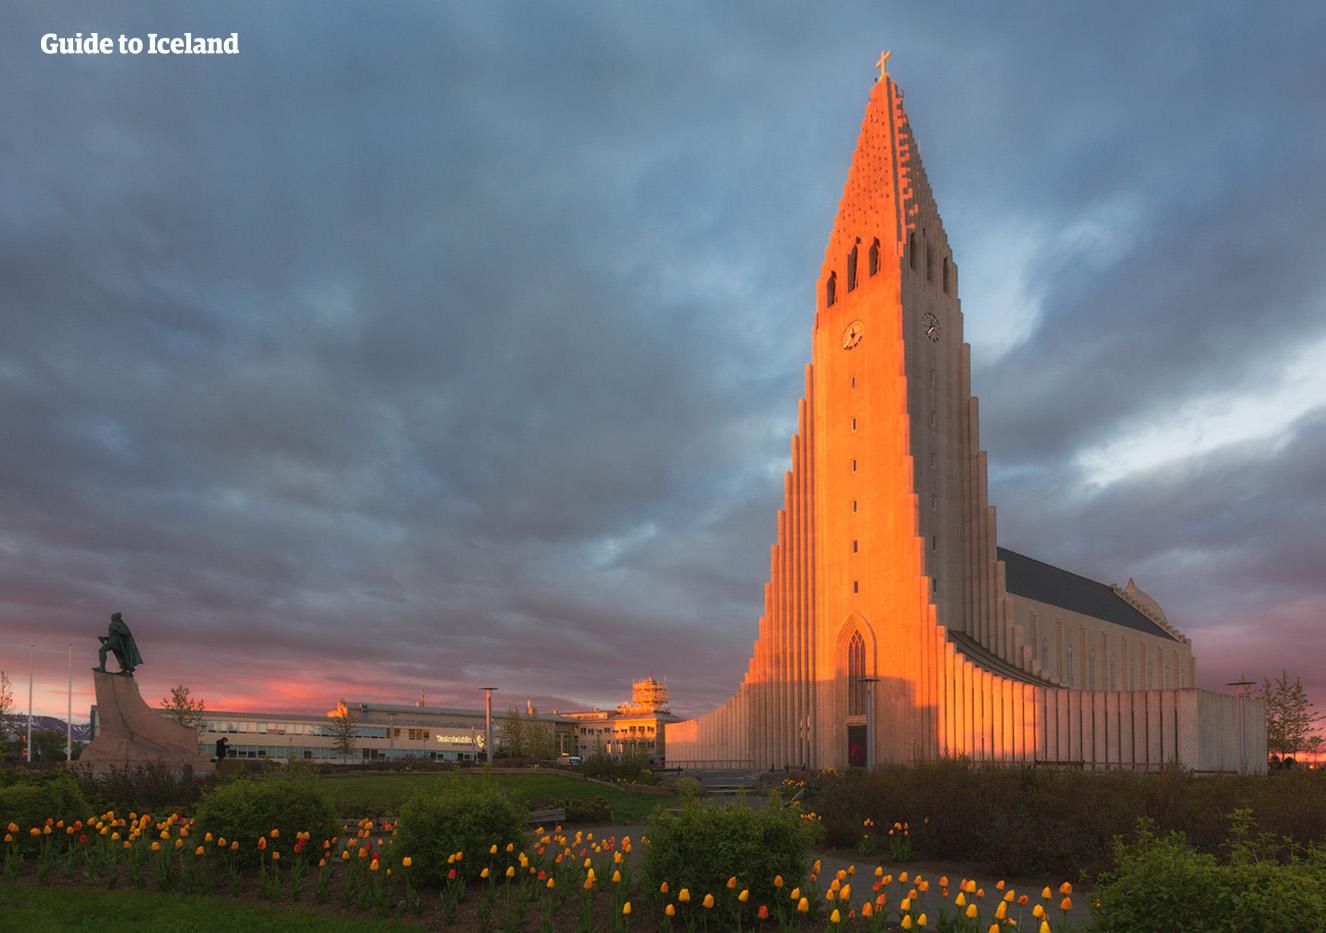 Få mest mulig ut av midnattssolen, og besøk noen av Reykjavíks mange restauranter, kafeer og barer om kvelden.